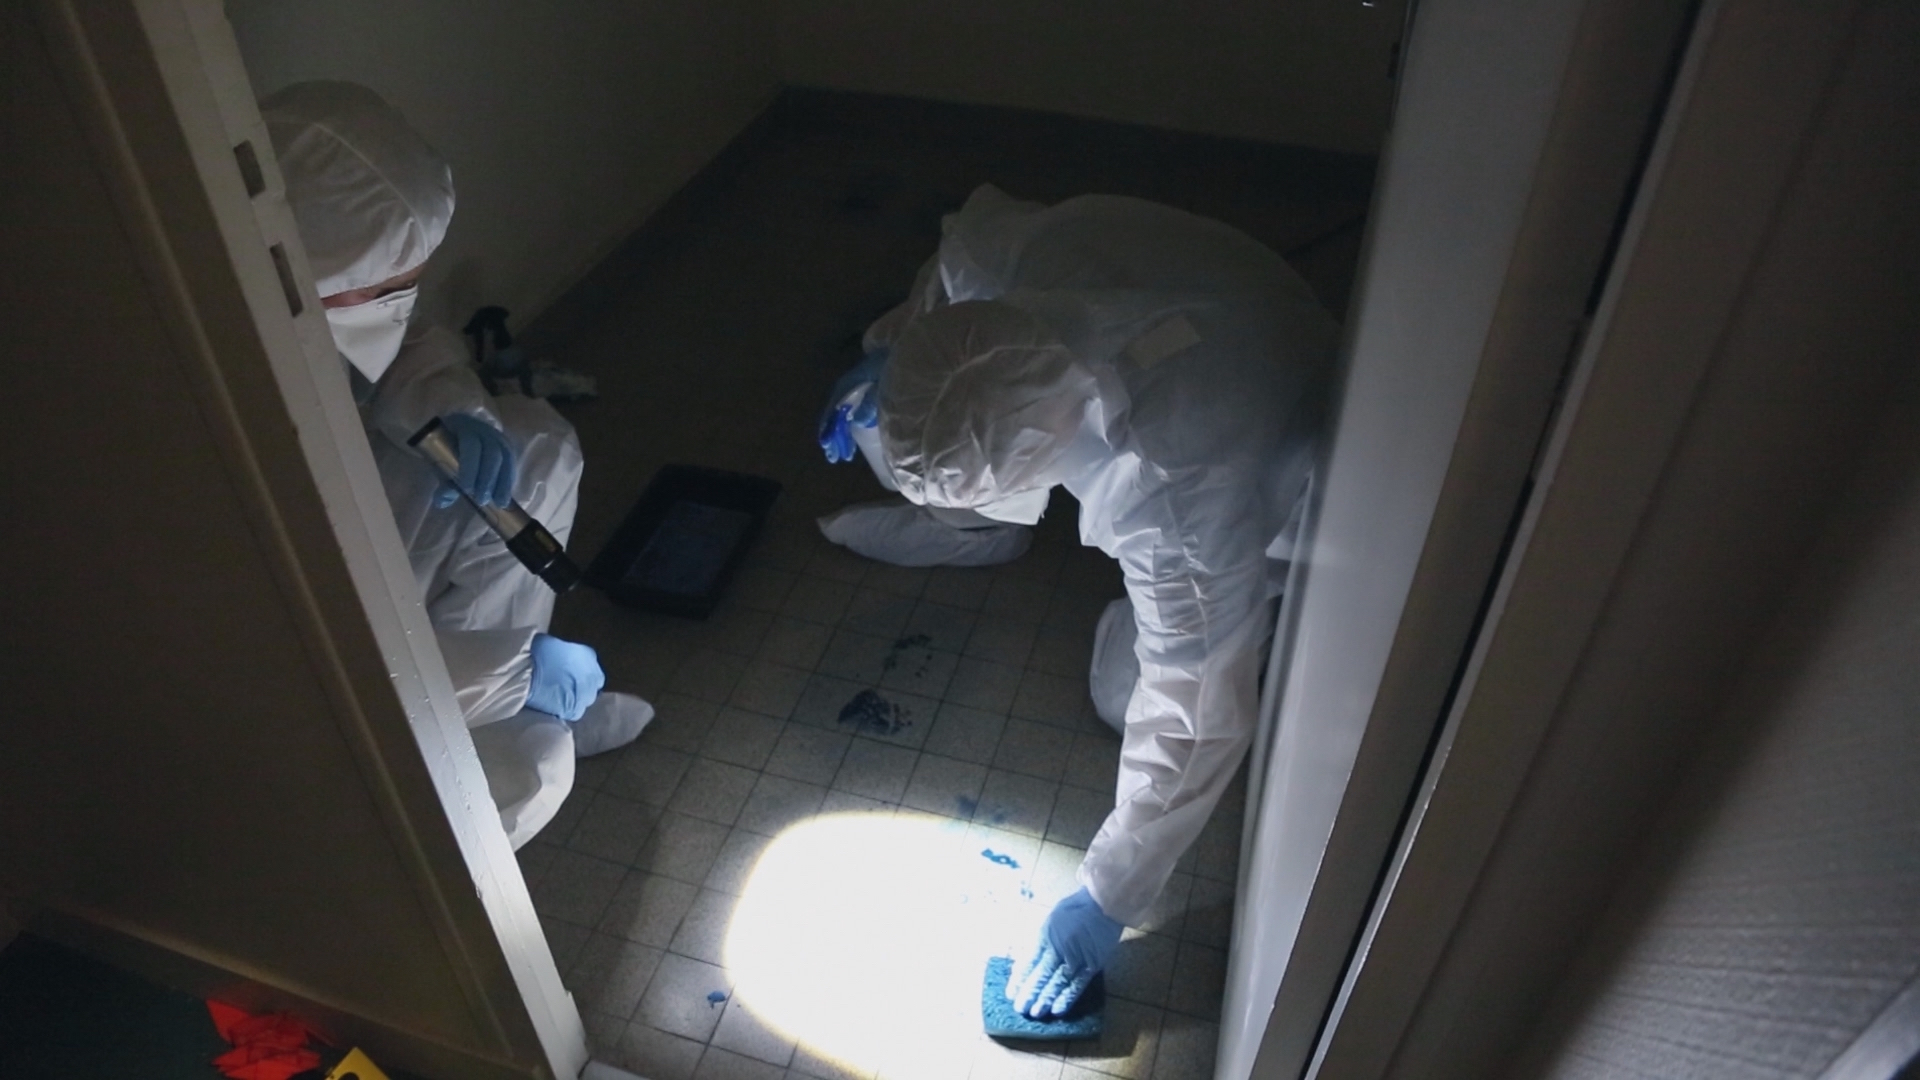 MEMENTO_StephaneROSSI_POLICE SCIENTIFIQUE_10_Relevé d'empreinte de pas à la poudre bleue.jpg